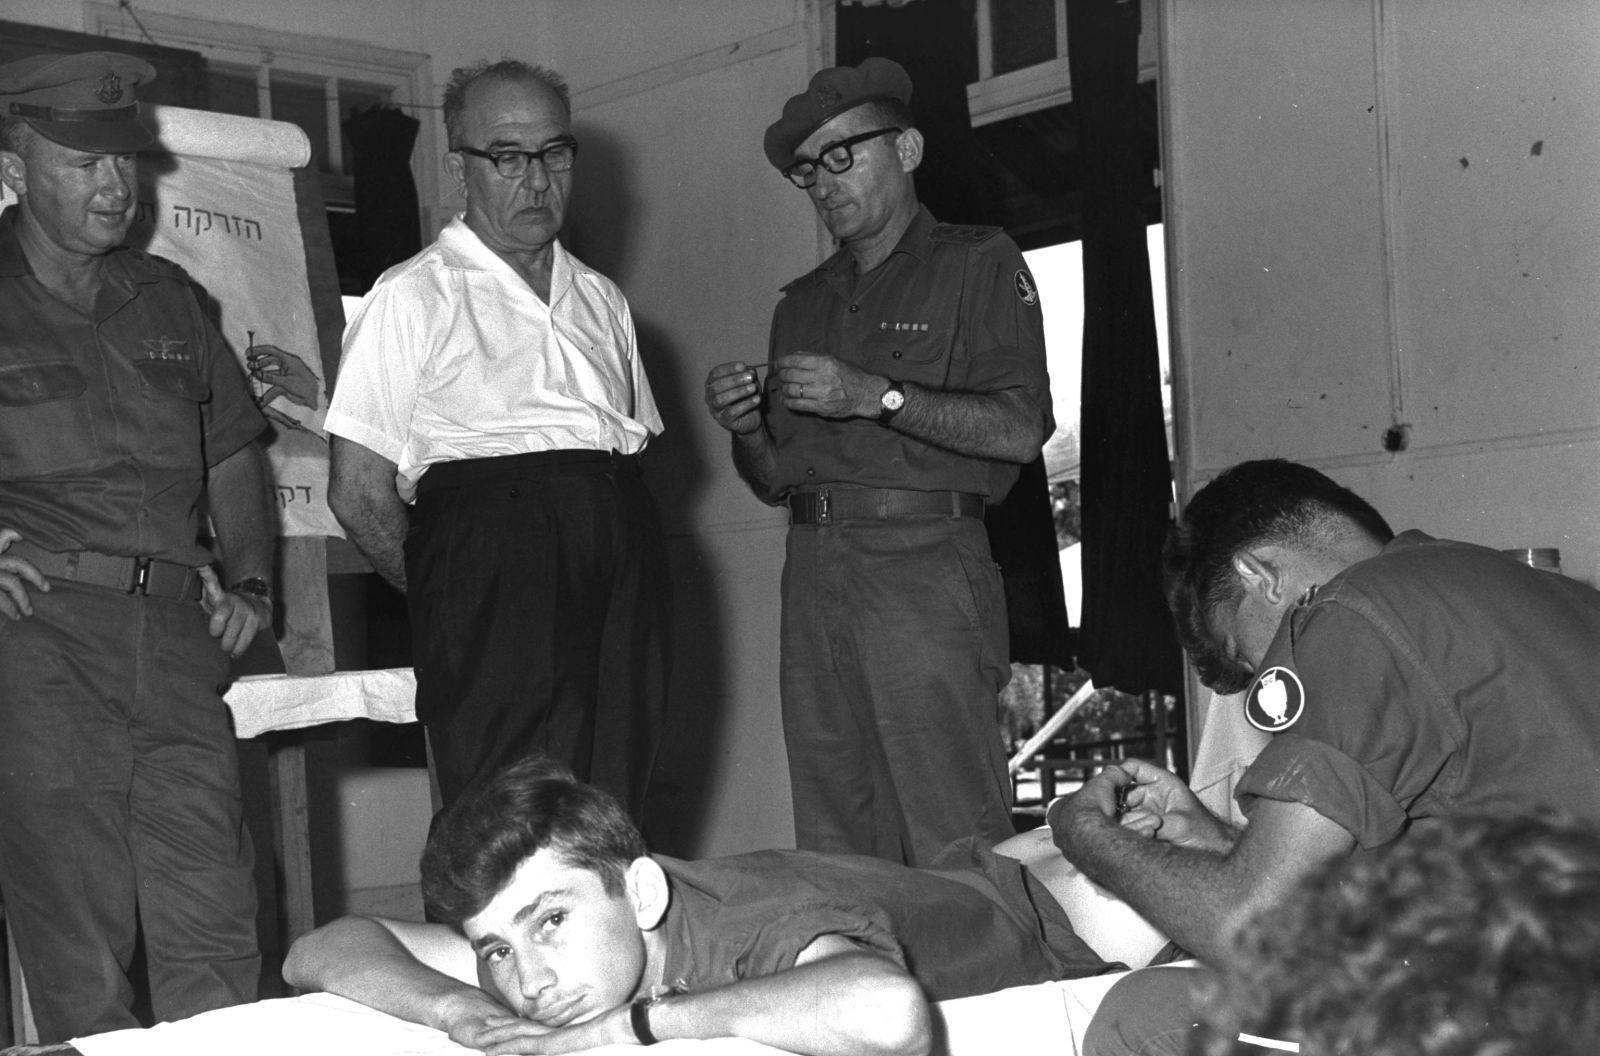 """ראש הממשלה אשכול והרמטכ""""ל רבין משגיחים על חייל מתחסן, 9.9.65 (צילום: משה מילנר, דובר צה""""ל)"""